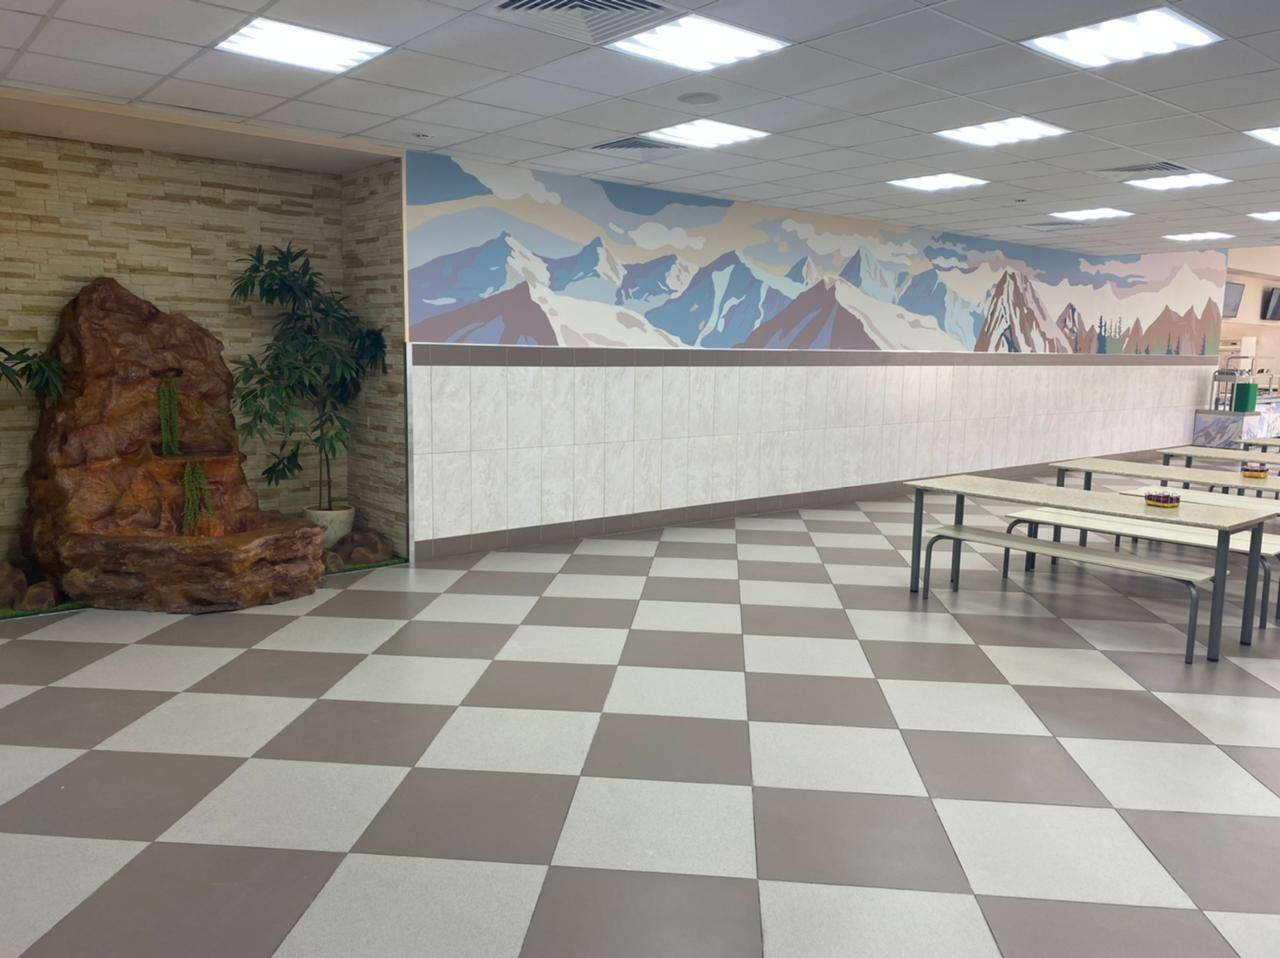 Решающую роль в выборе тематики школьного ресторана ГБОУ Школы №709 г. Москвы сыграли обучающиеся